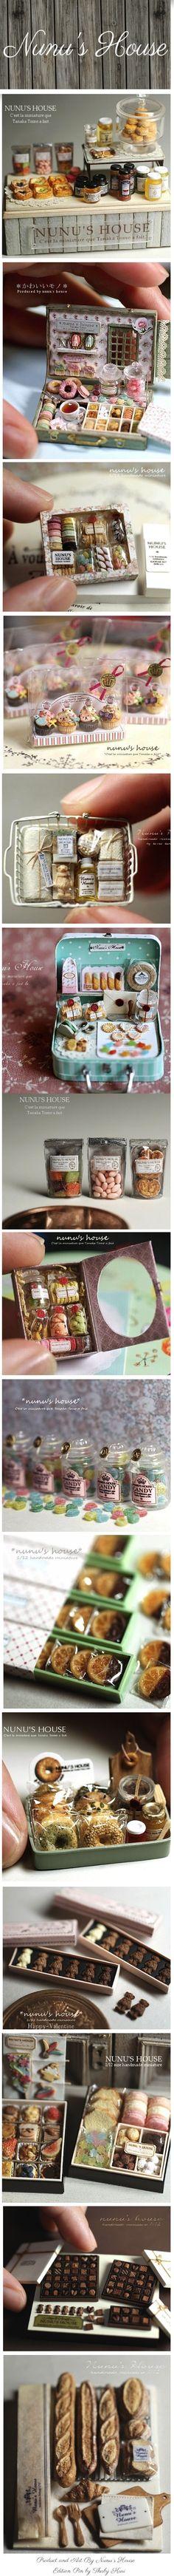 """ただただすごいです!FANTASTIC """"MINIATURE PACKAGING""""  (By Nunu's House)- #Dollhouse #packaging products ."""